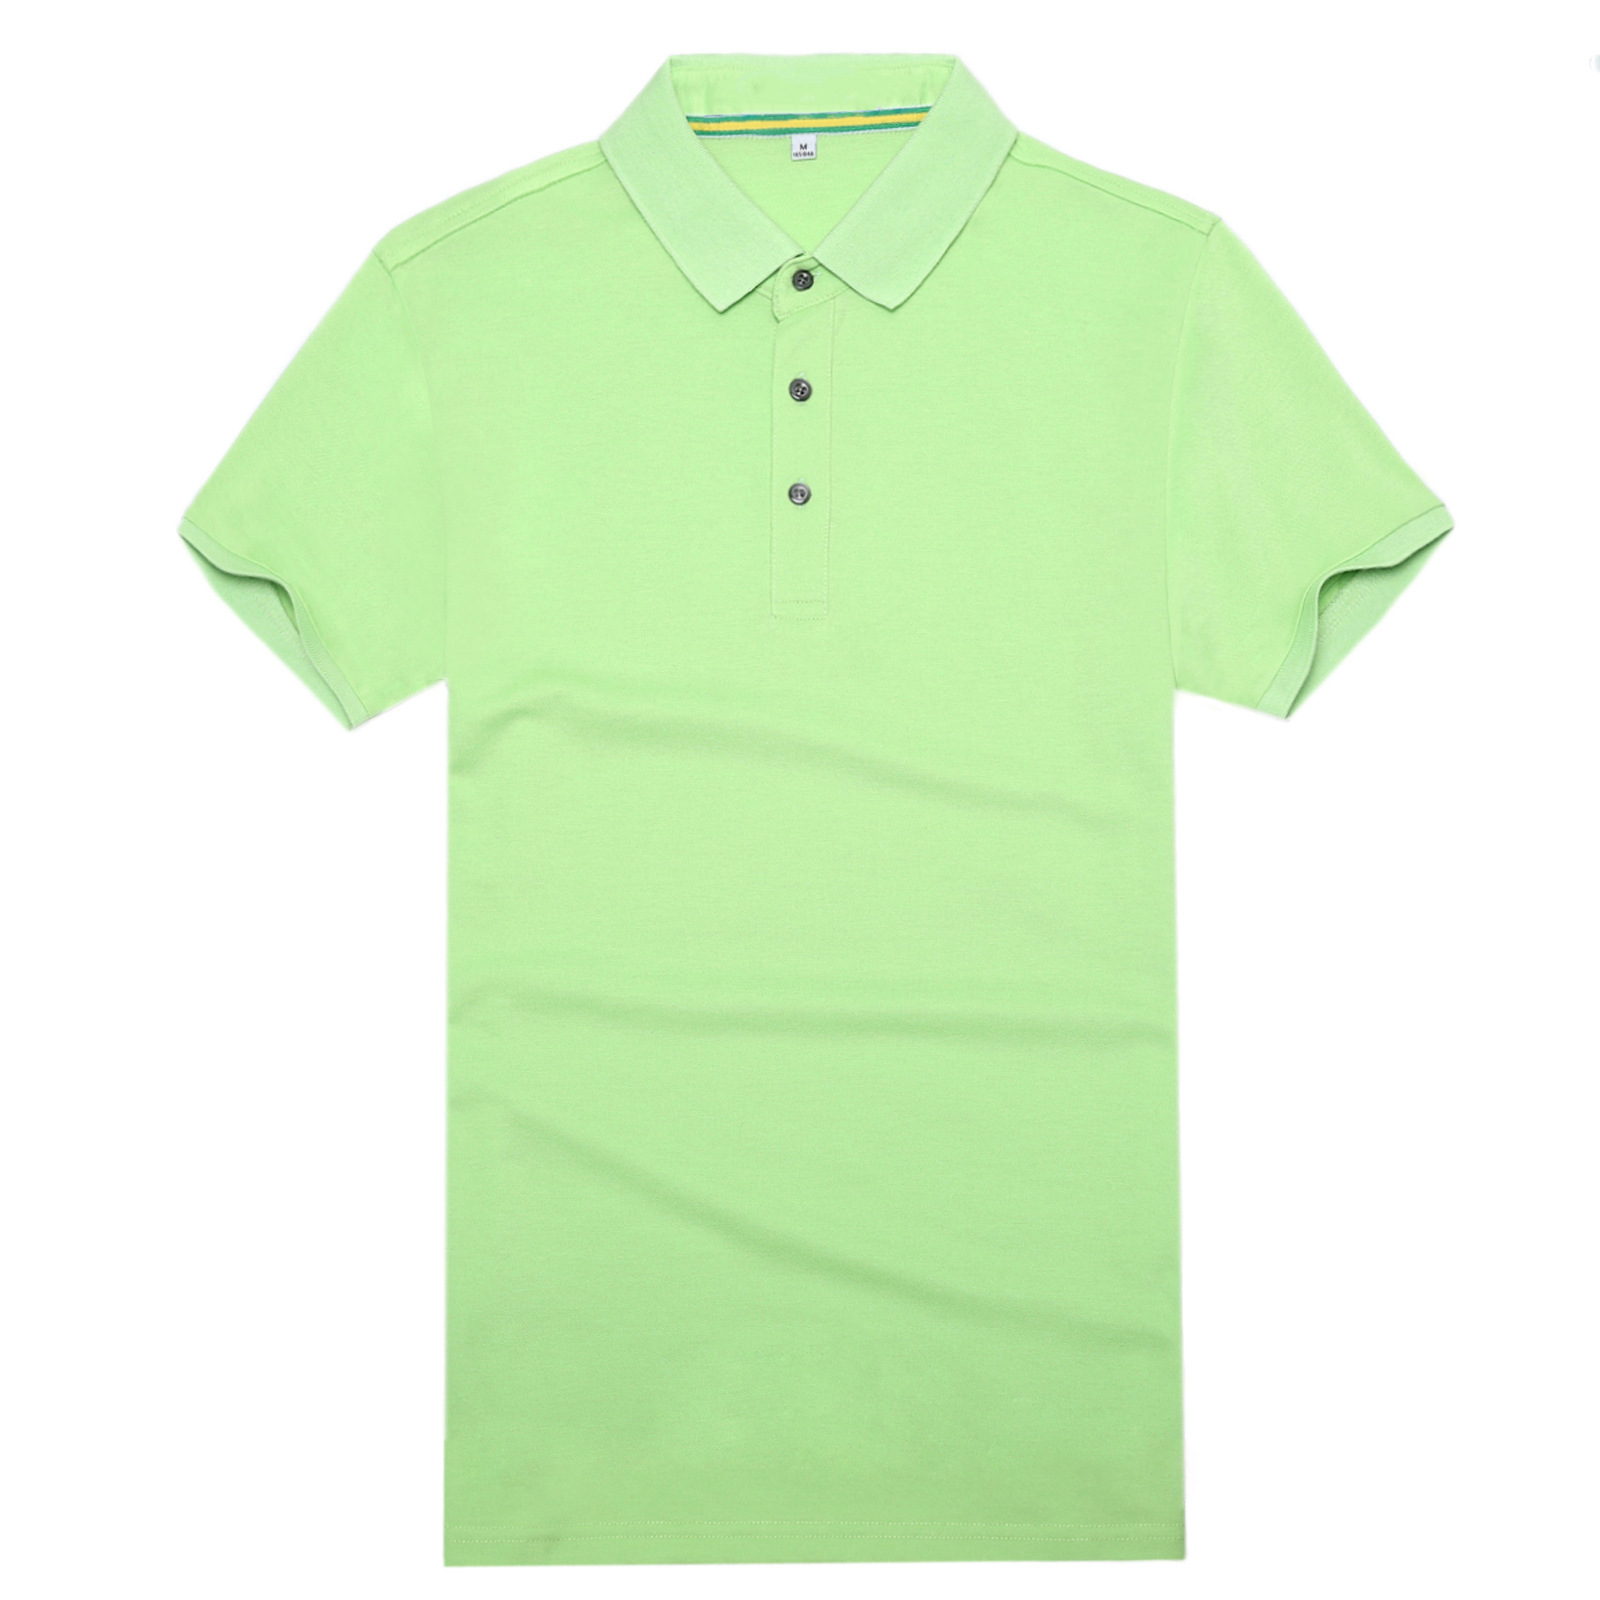 如何选择夏季POLO衫定制的面料?怎么清洗才能防止变形?